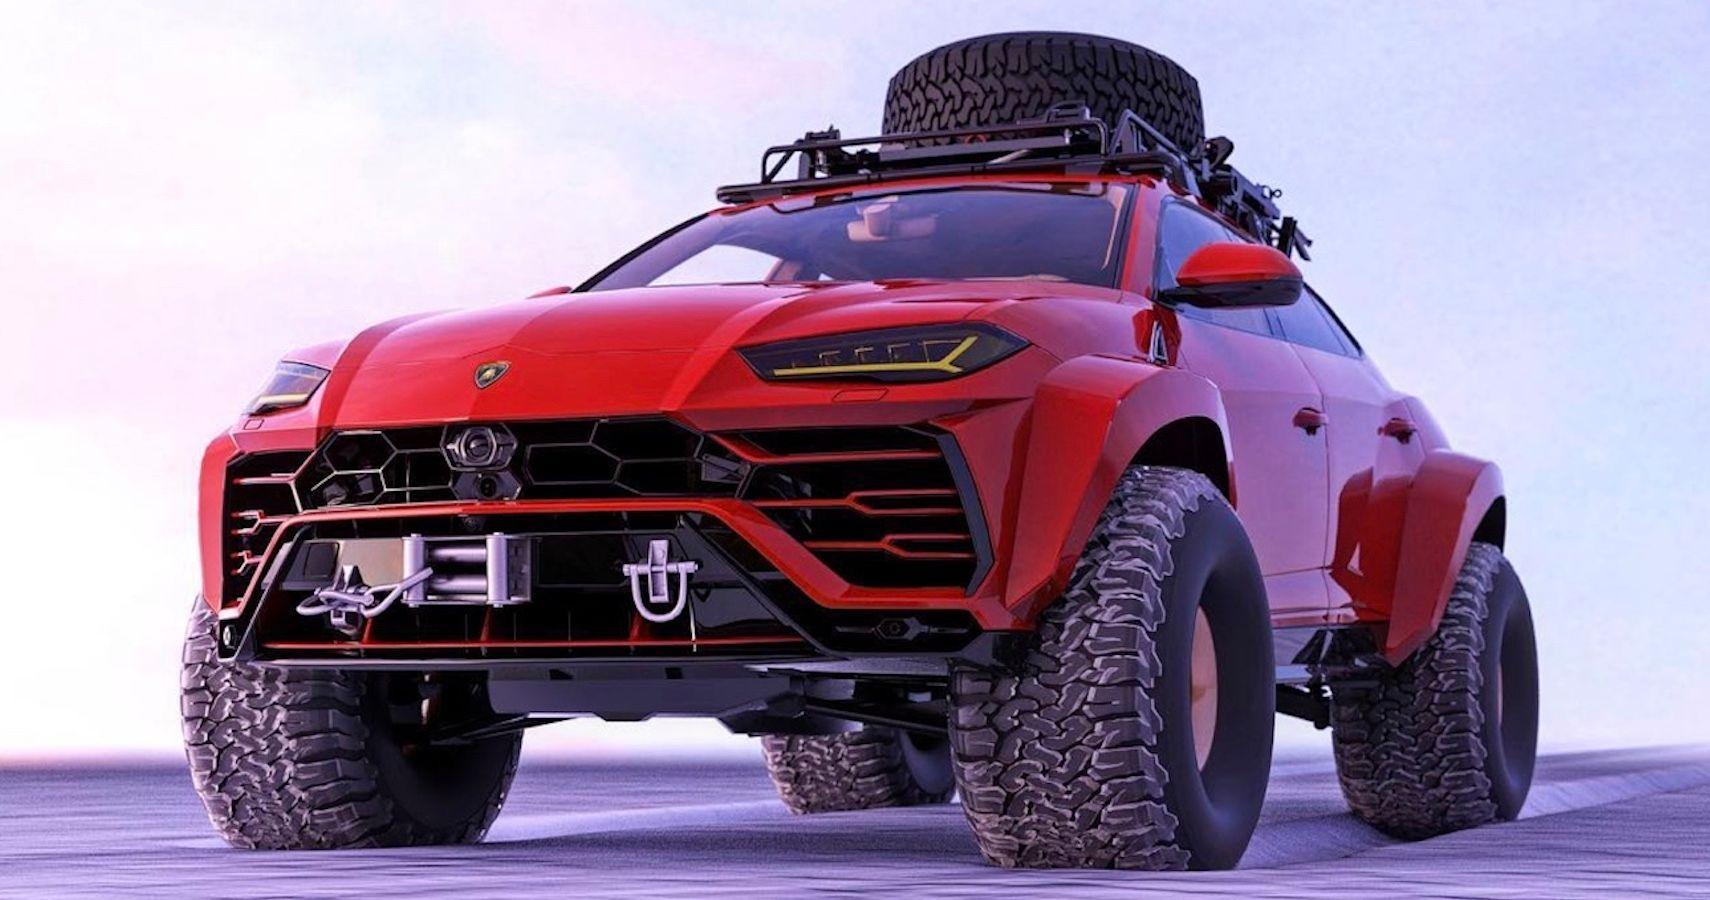 This Arctic Lamborghini Urus Rendering Is Snow-Joke | HotCars